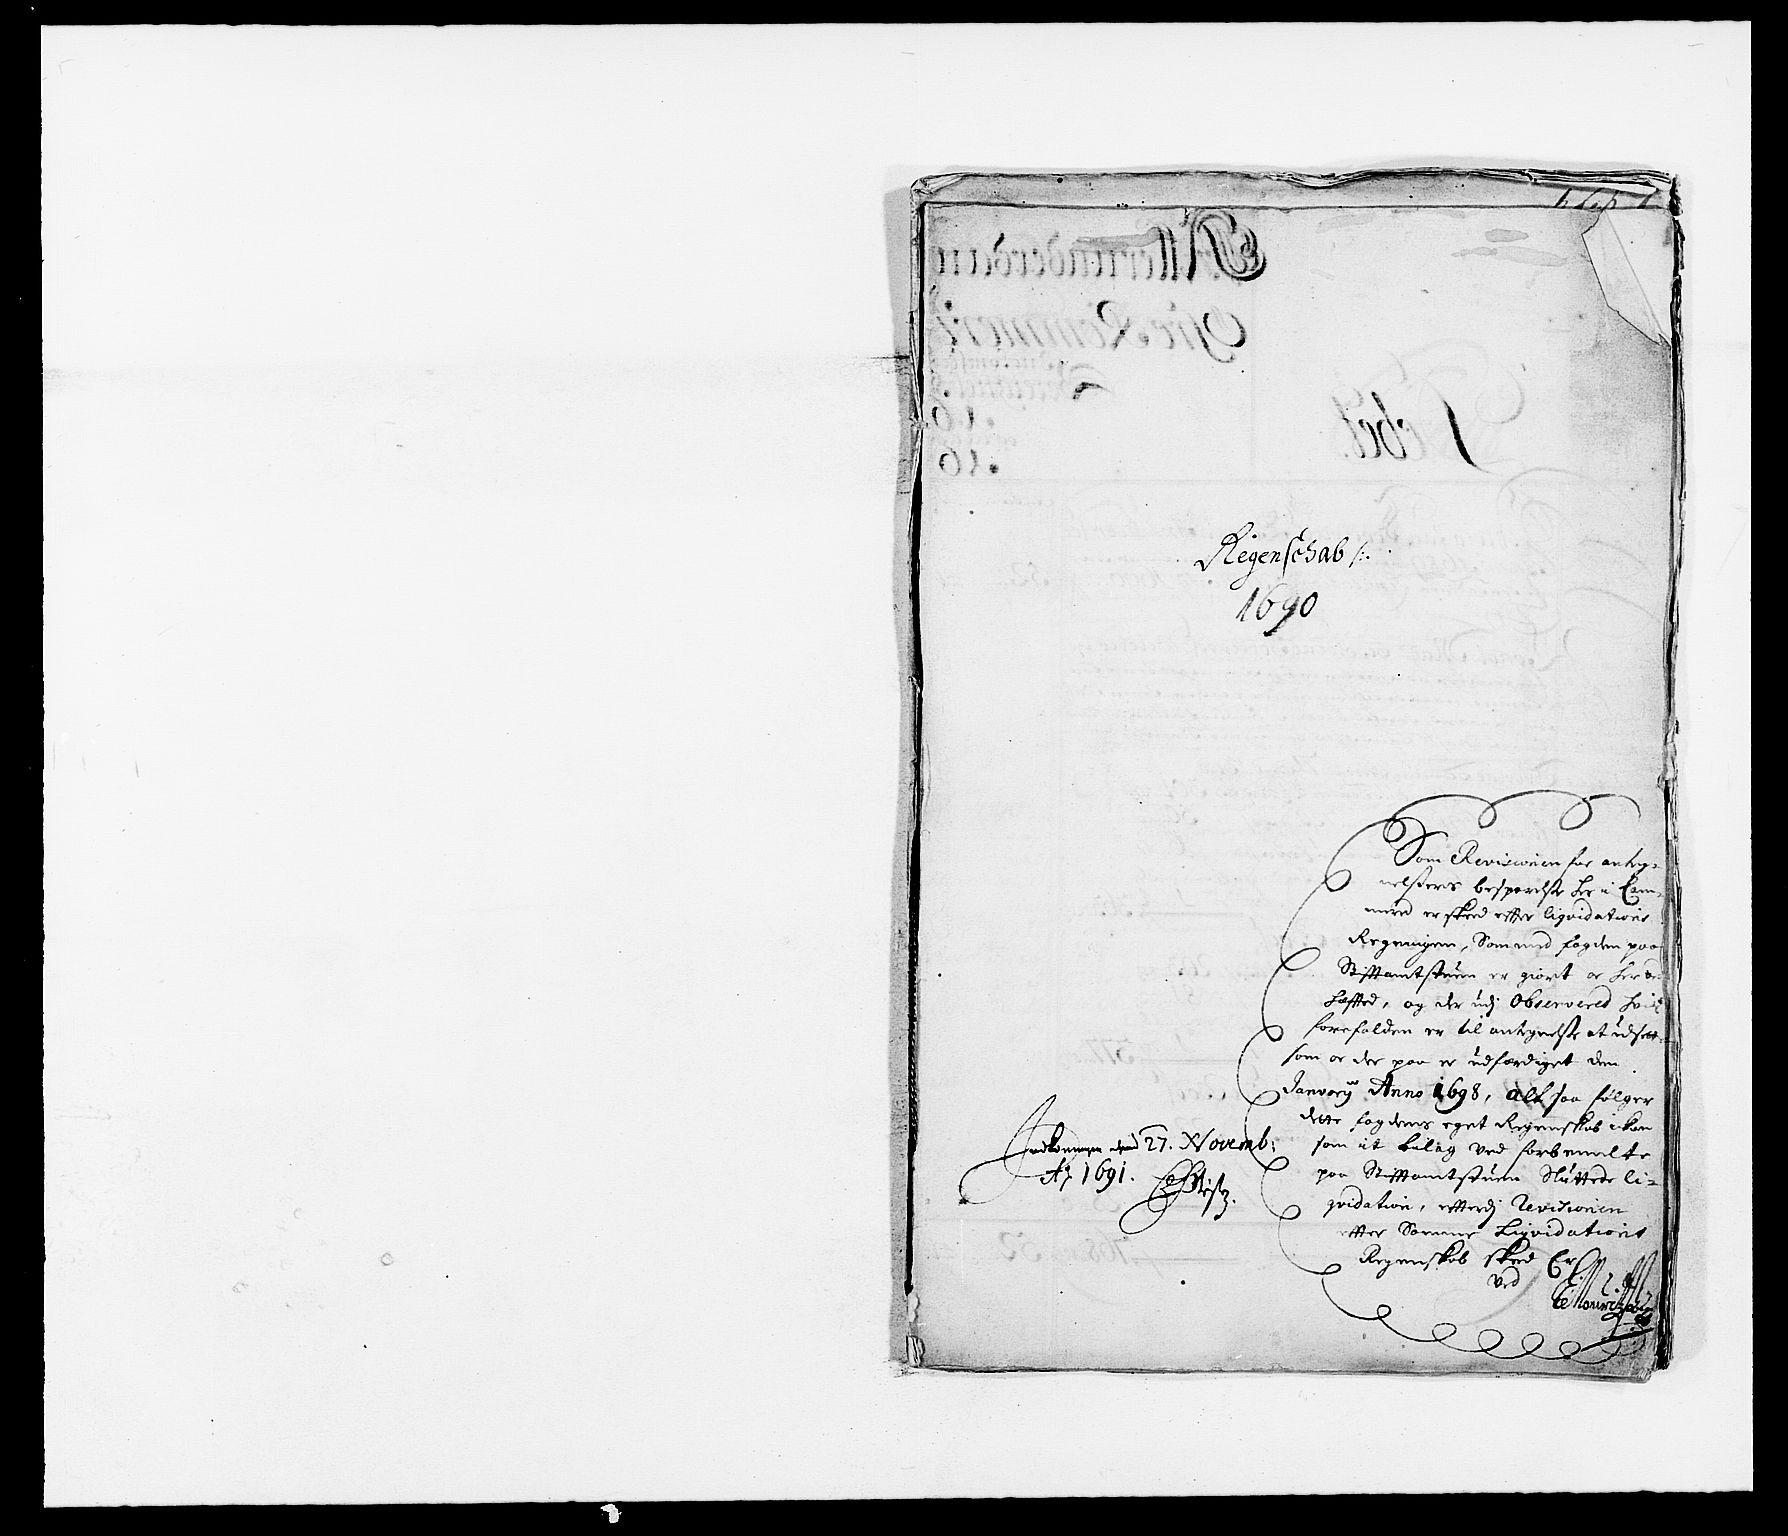 RA, Rentekammeret inntil 1814, Reviderte regnskaper, Fogderegnskap, R12/L0702: Fogderegnskap Øvre Romerike, 1690, s. 2